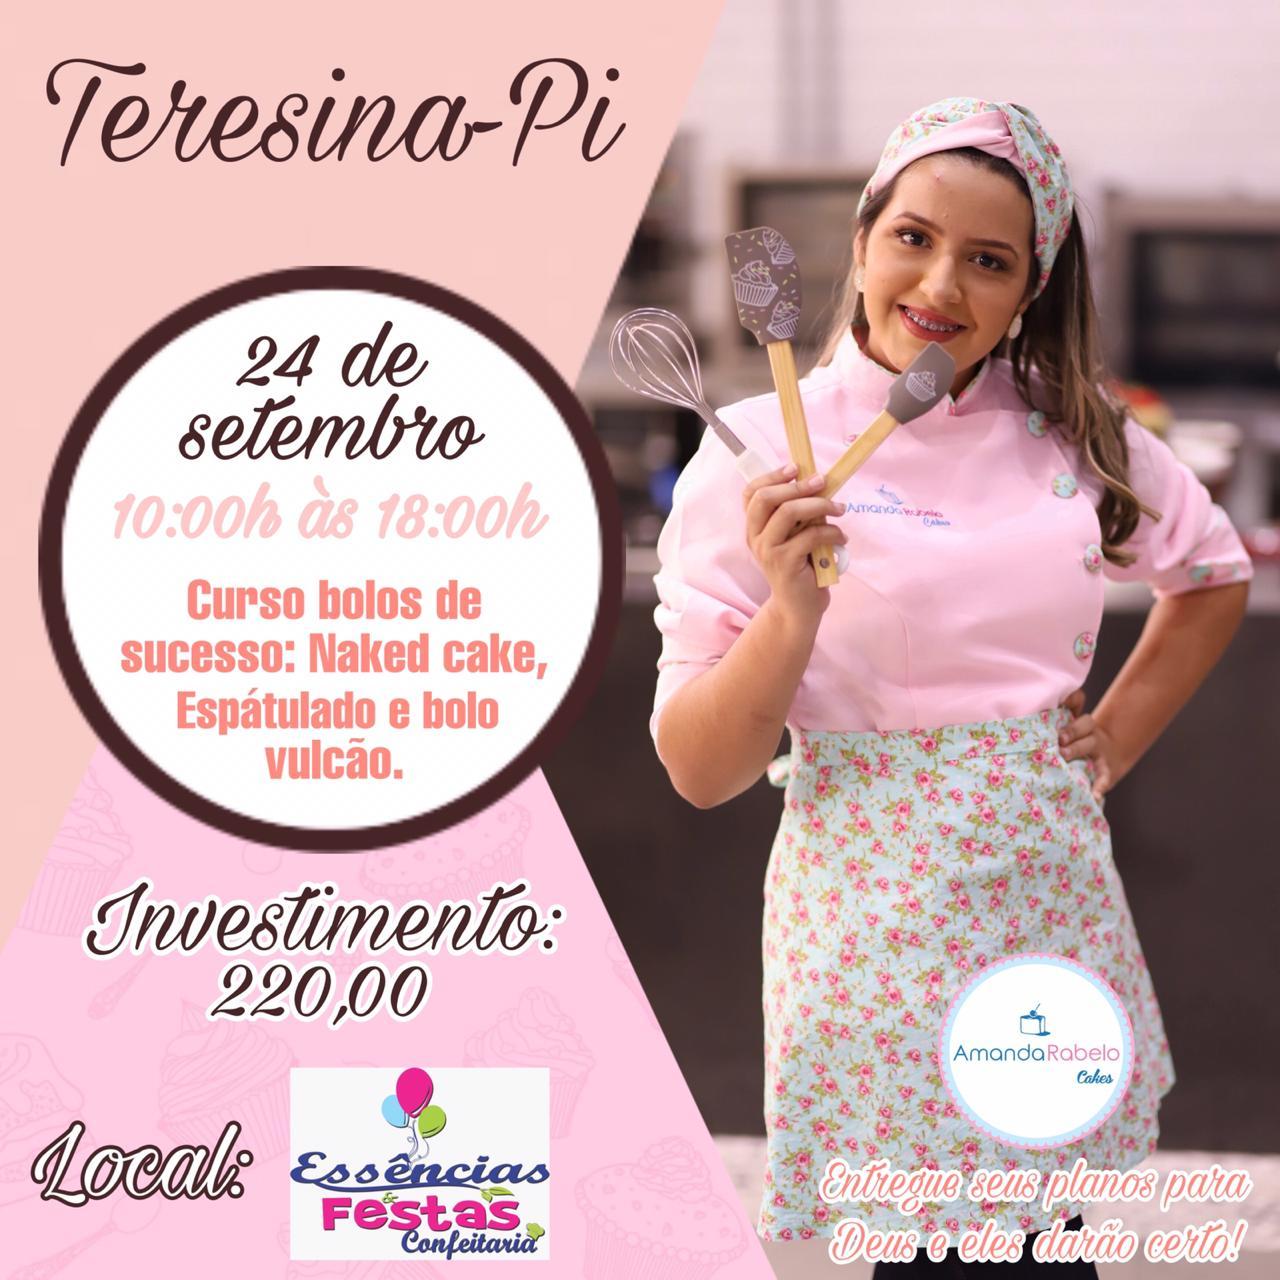 24/09 -CURSO BOLOS DE SUCESSO com AMANDA RABELO Horário: 10:00h às 18:00h